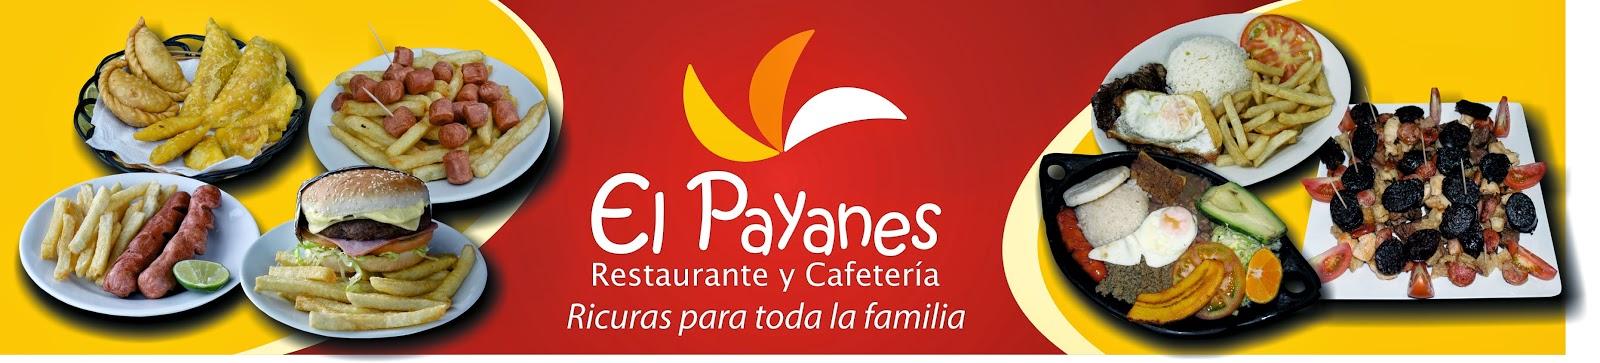 Cuando visite a Pasto, no olvide ir a EL PAYANES, ricuras para toda la familia. El Vergel